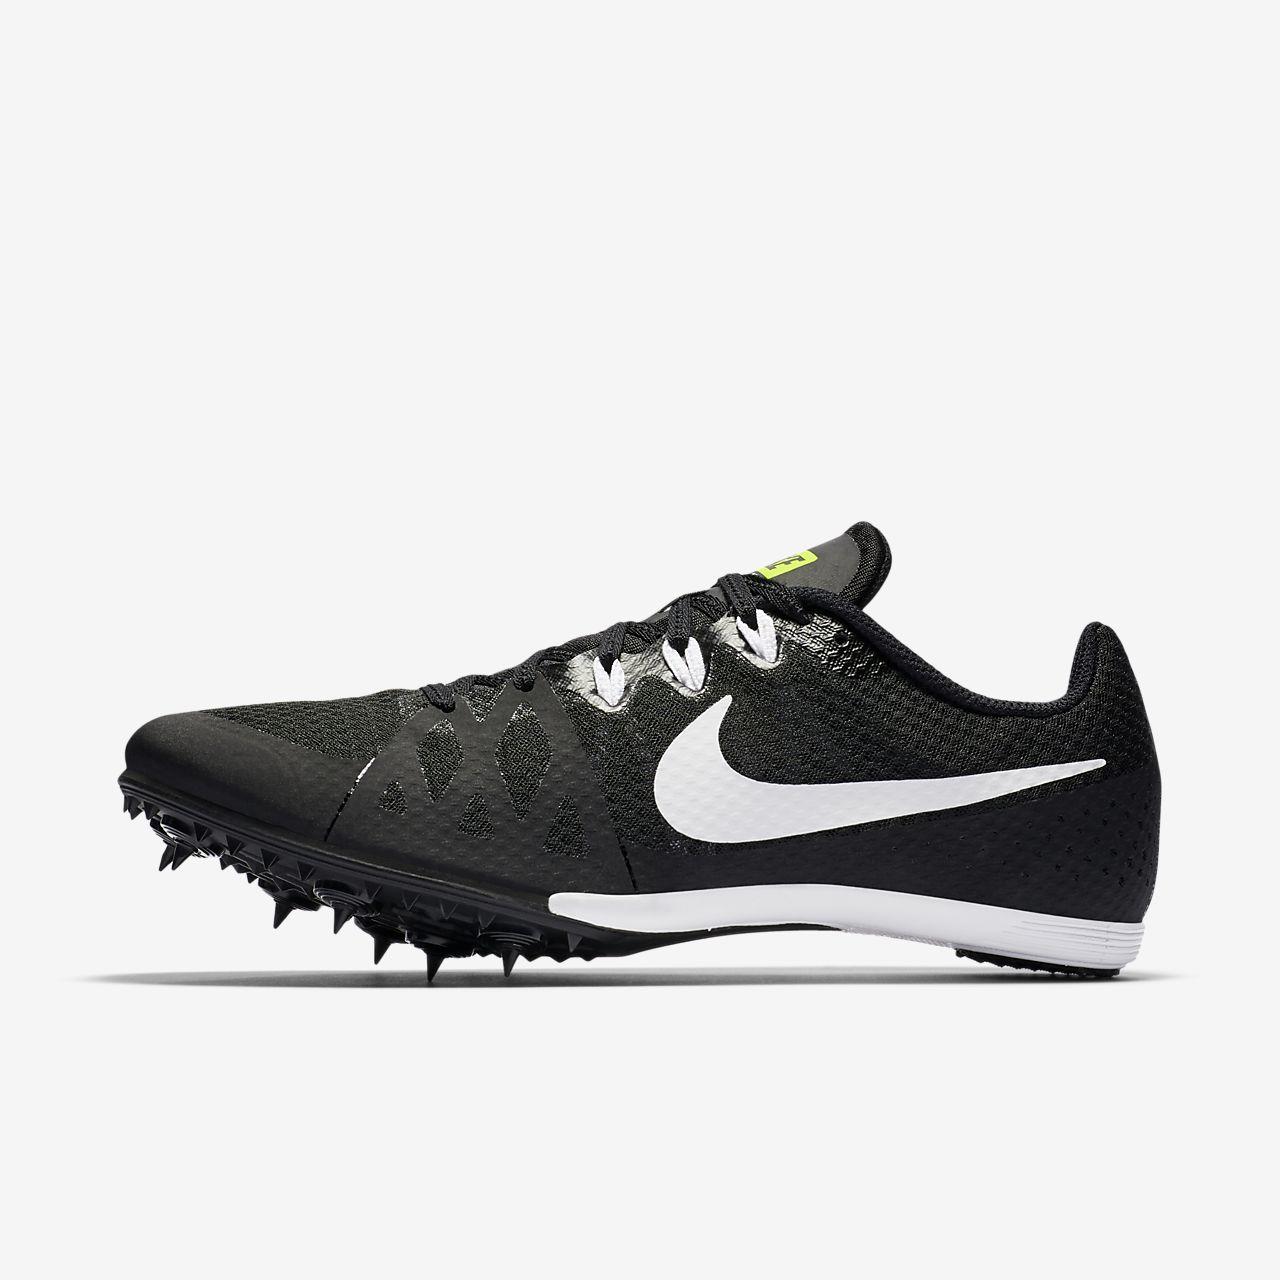 best sneakers 7cb56 e2745 ... Scarpa chiodata per corse sulla distanza Nike Zoom Rival M 8 - Unisex